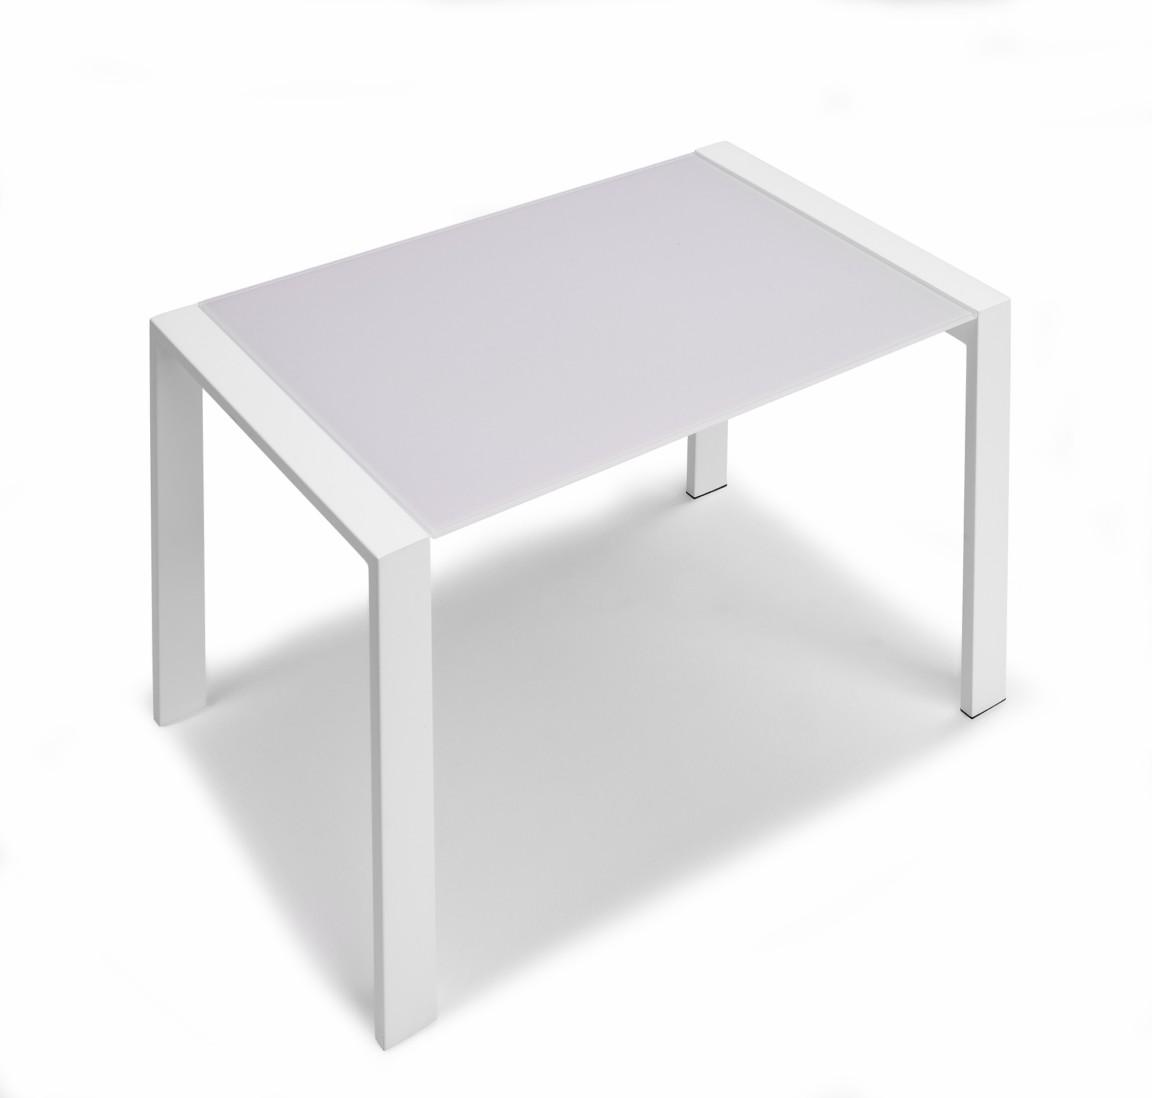 Tavolo Vetro Allungabile 110.Zoom Tavolo Allungabile In Cristallo E Acciaio Cm 70 X 110 50 X H